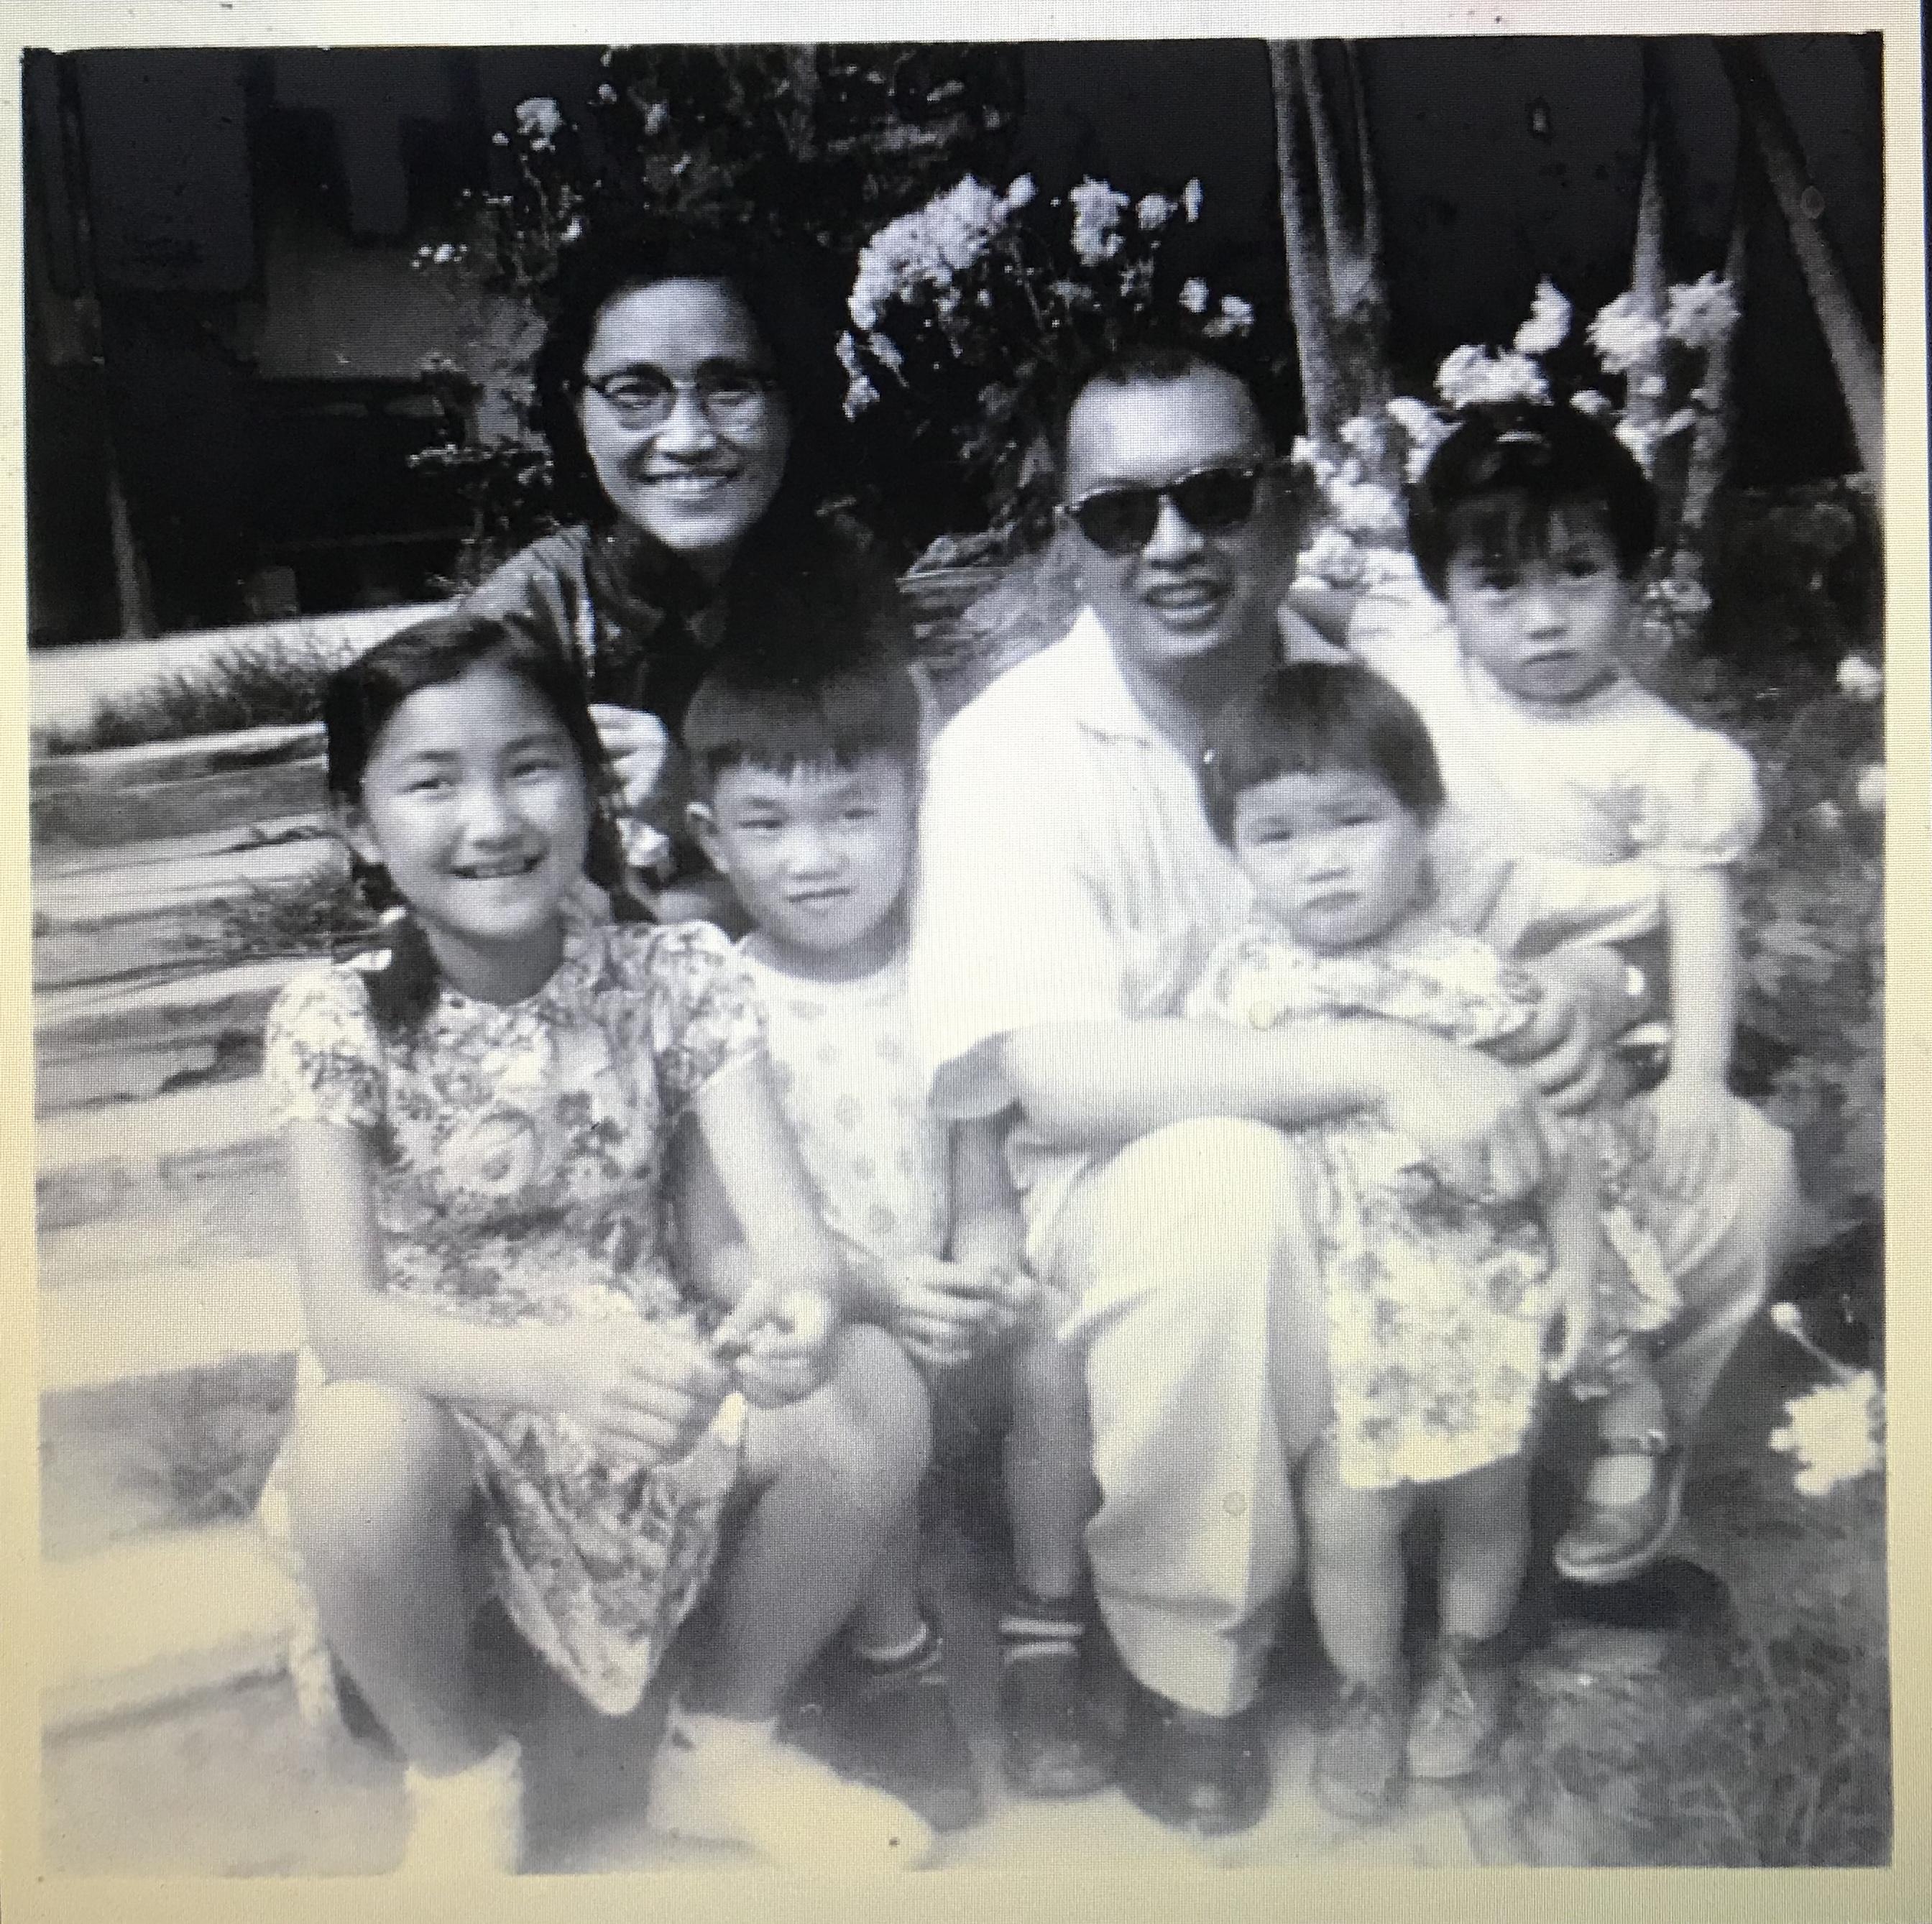 父母和四個孩子合影,三女一男,分別是次男和二、三、四女。